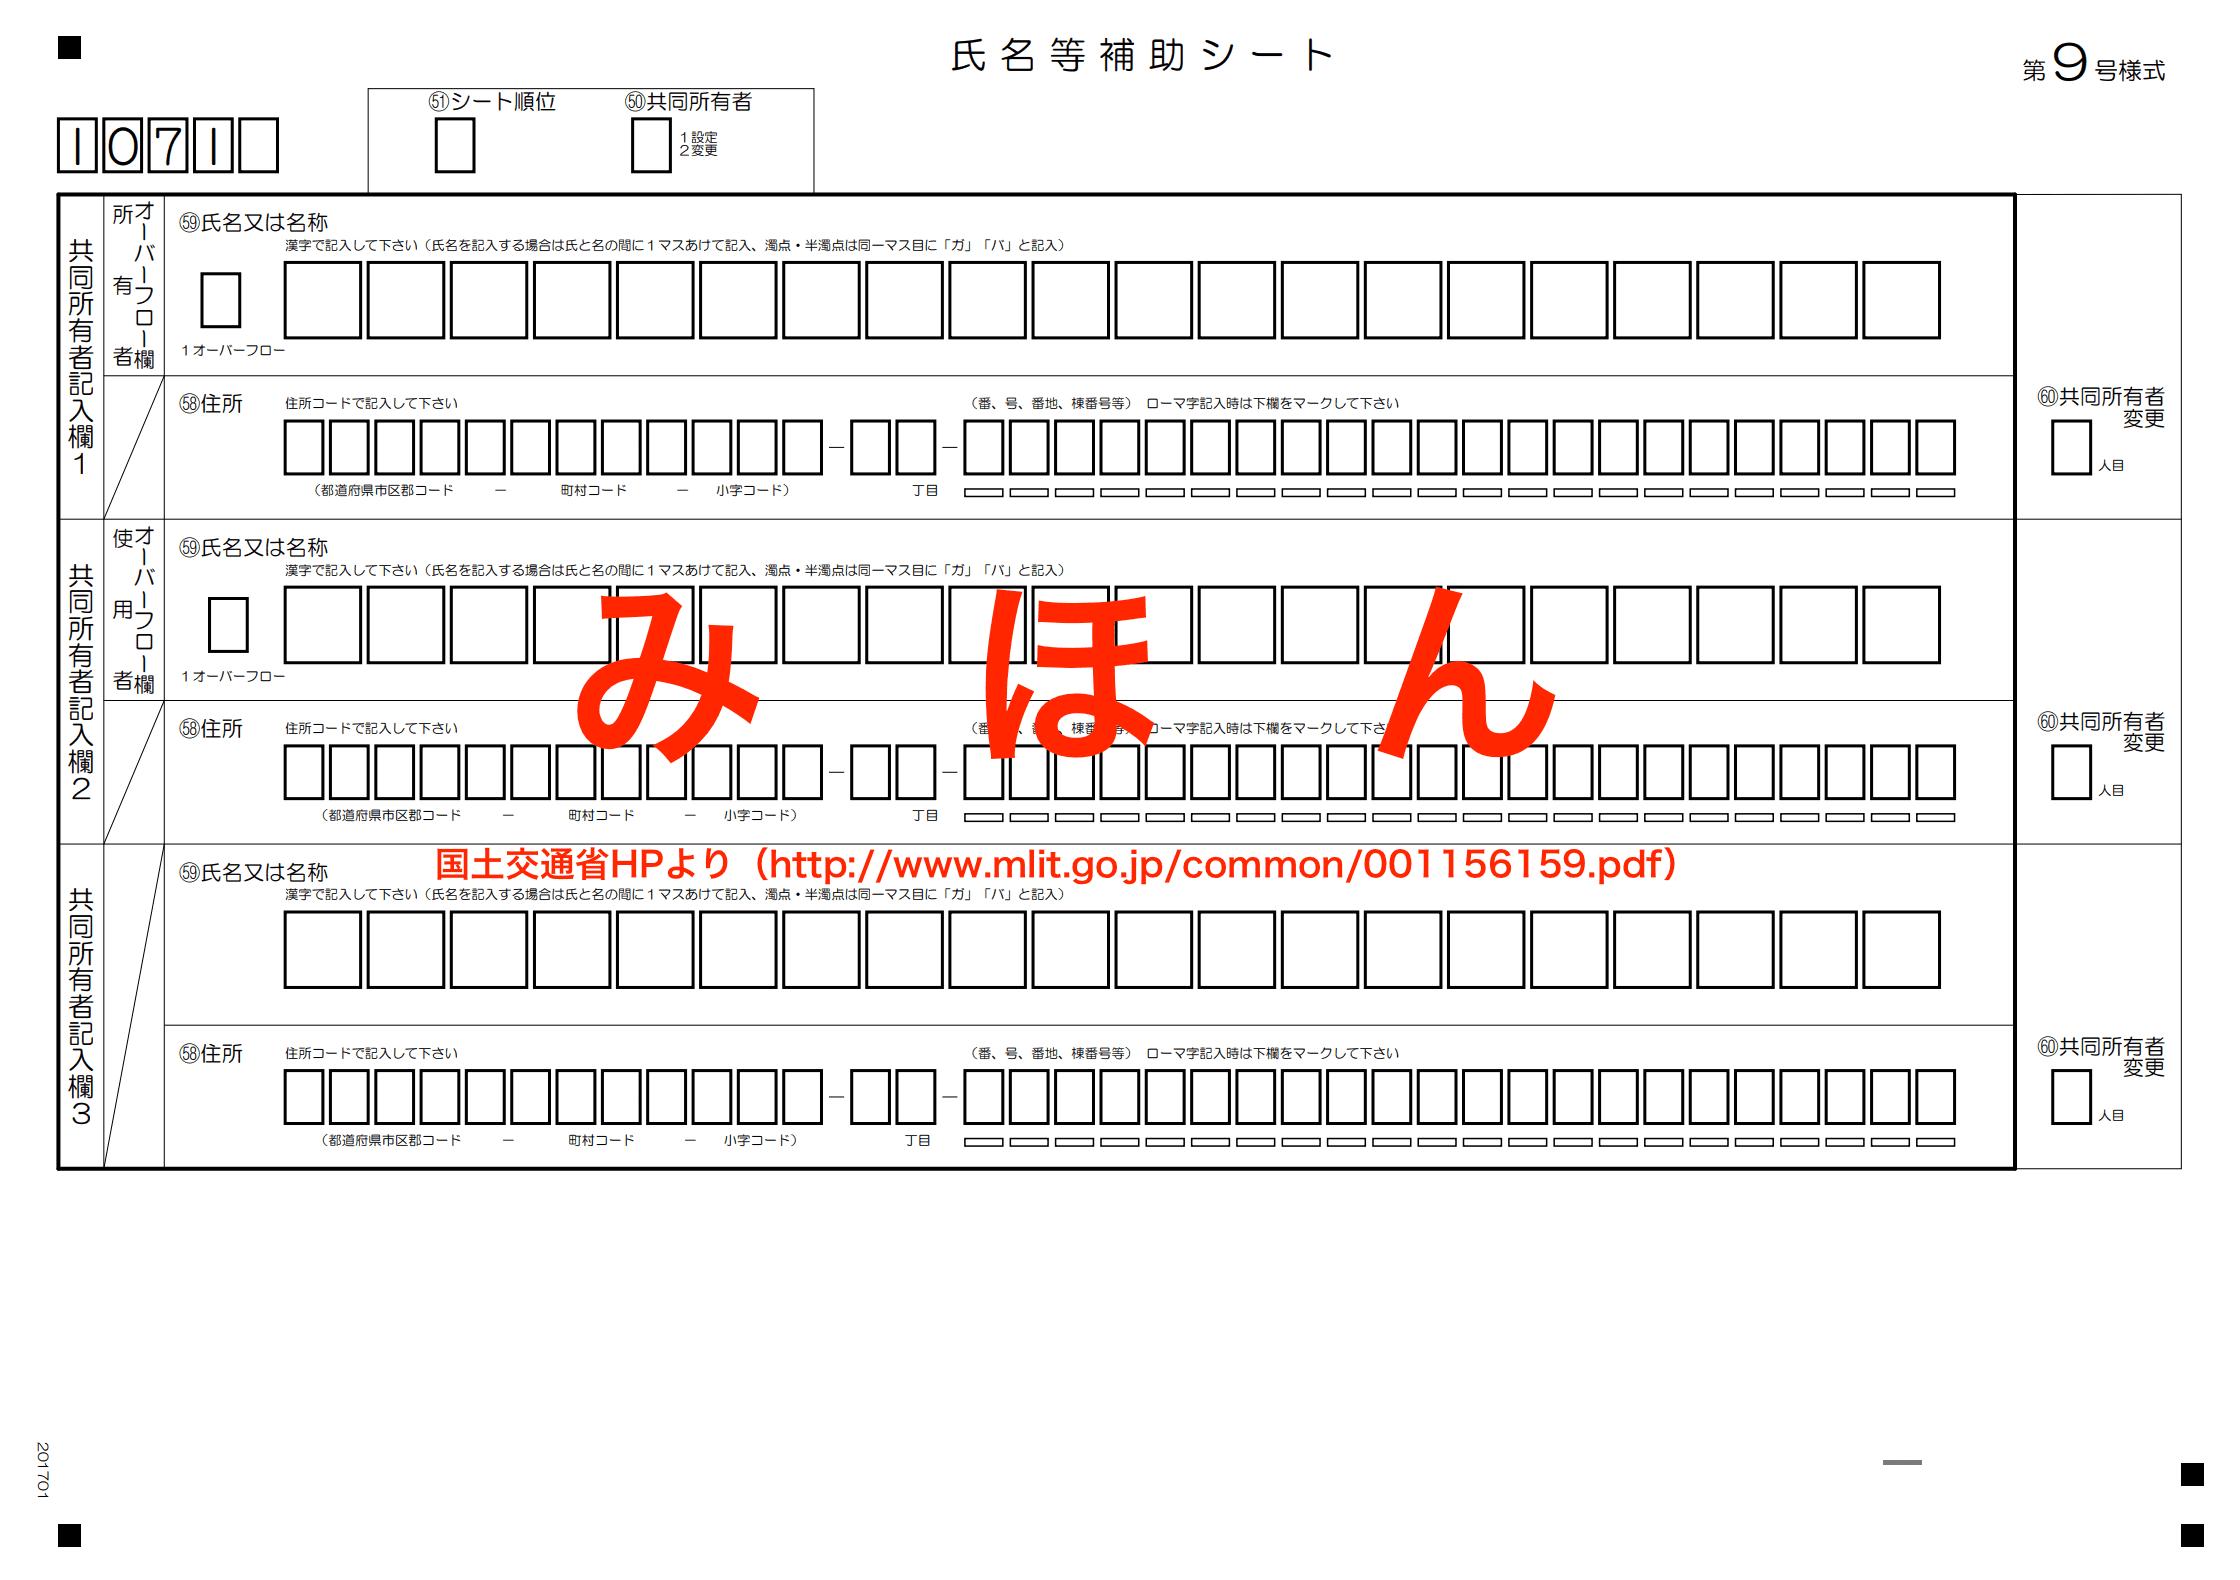 氏名補助シートの見本